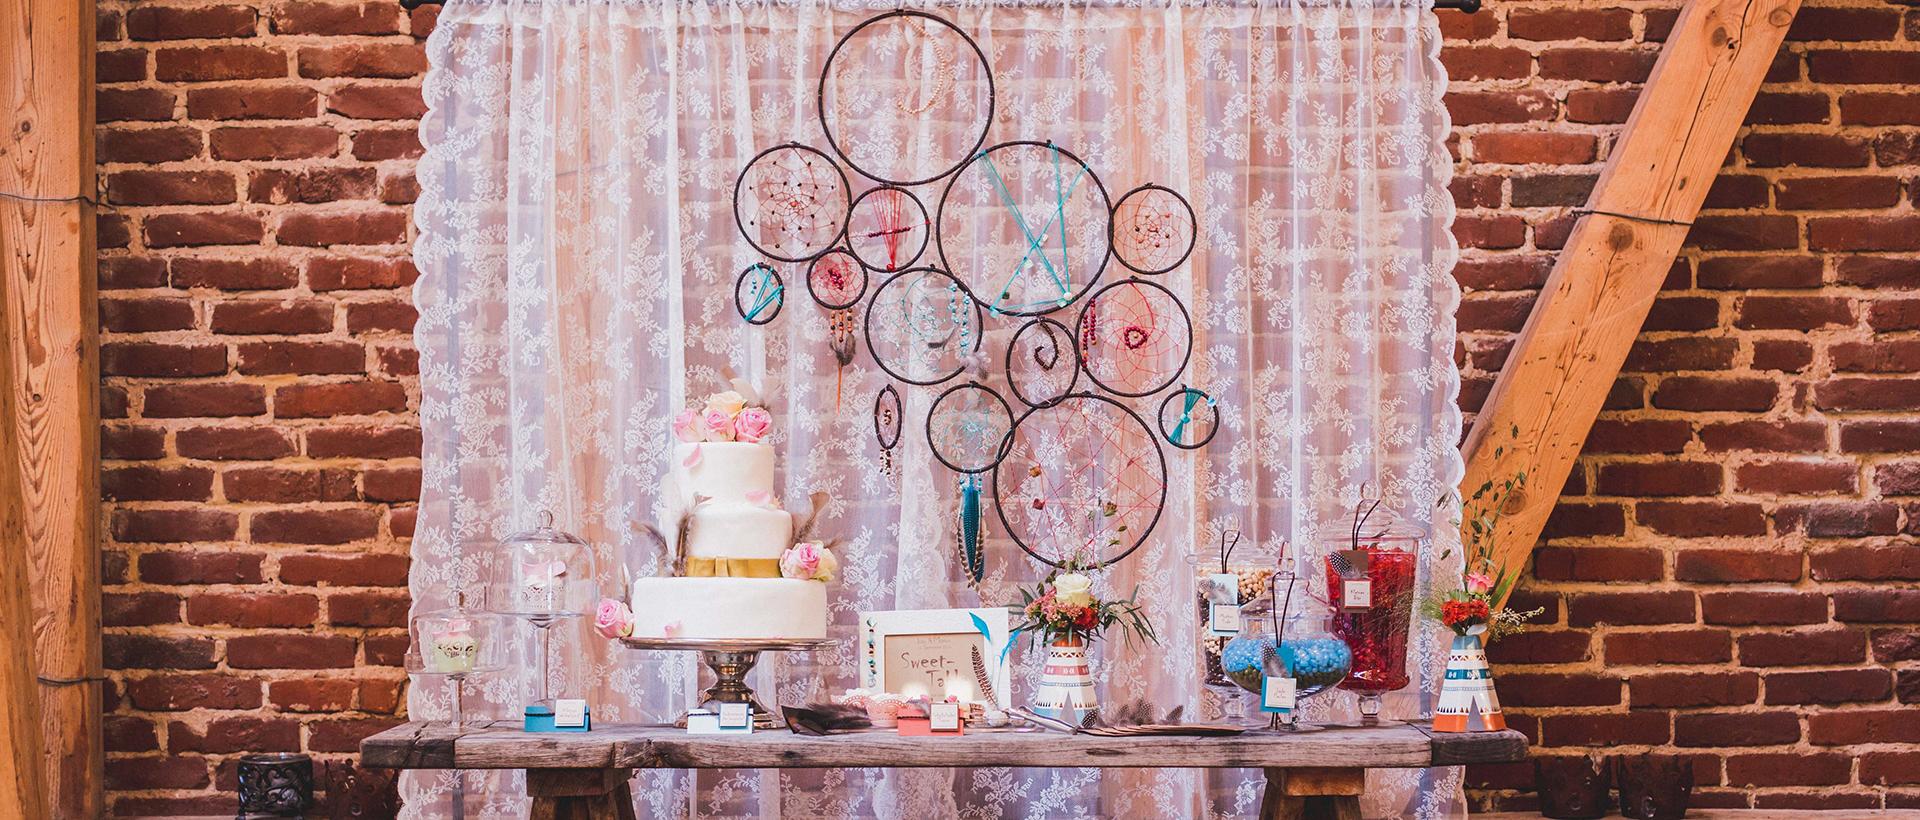 Hochzeitstorte vom Café Rosenpark, Credit medienzauberei